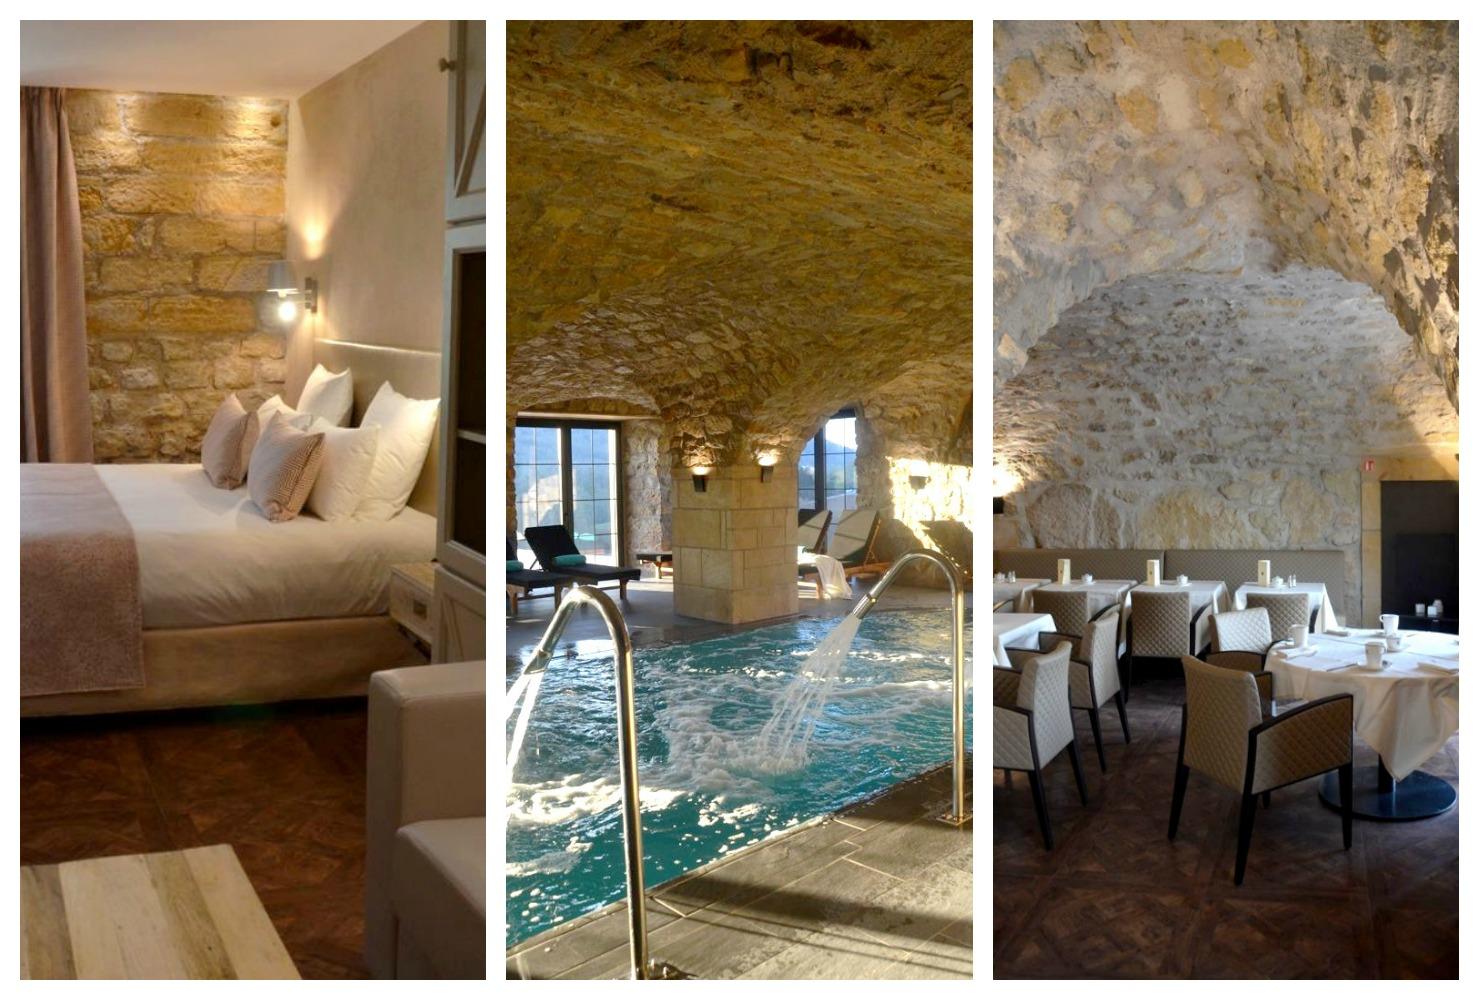 Le domaine de la klauss nouvel h tel et spa en moselle - Le nouvel hotel et spa ...